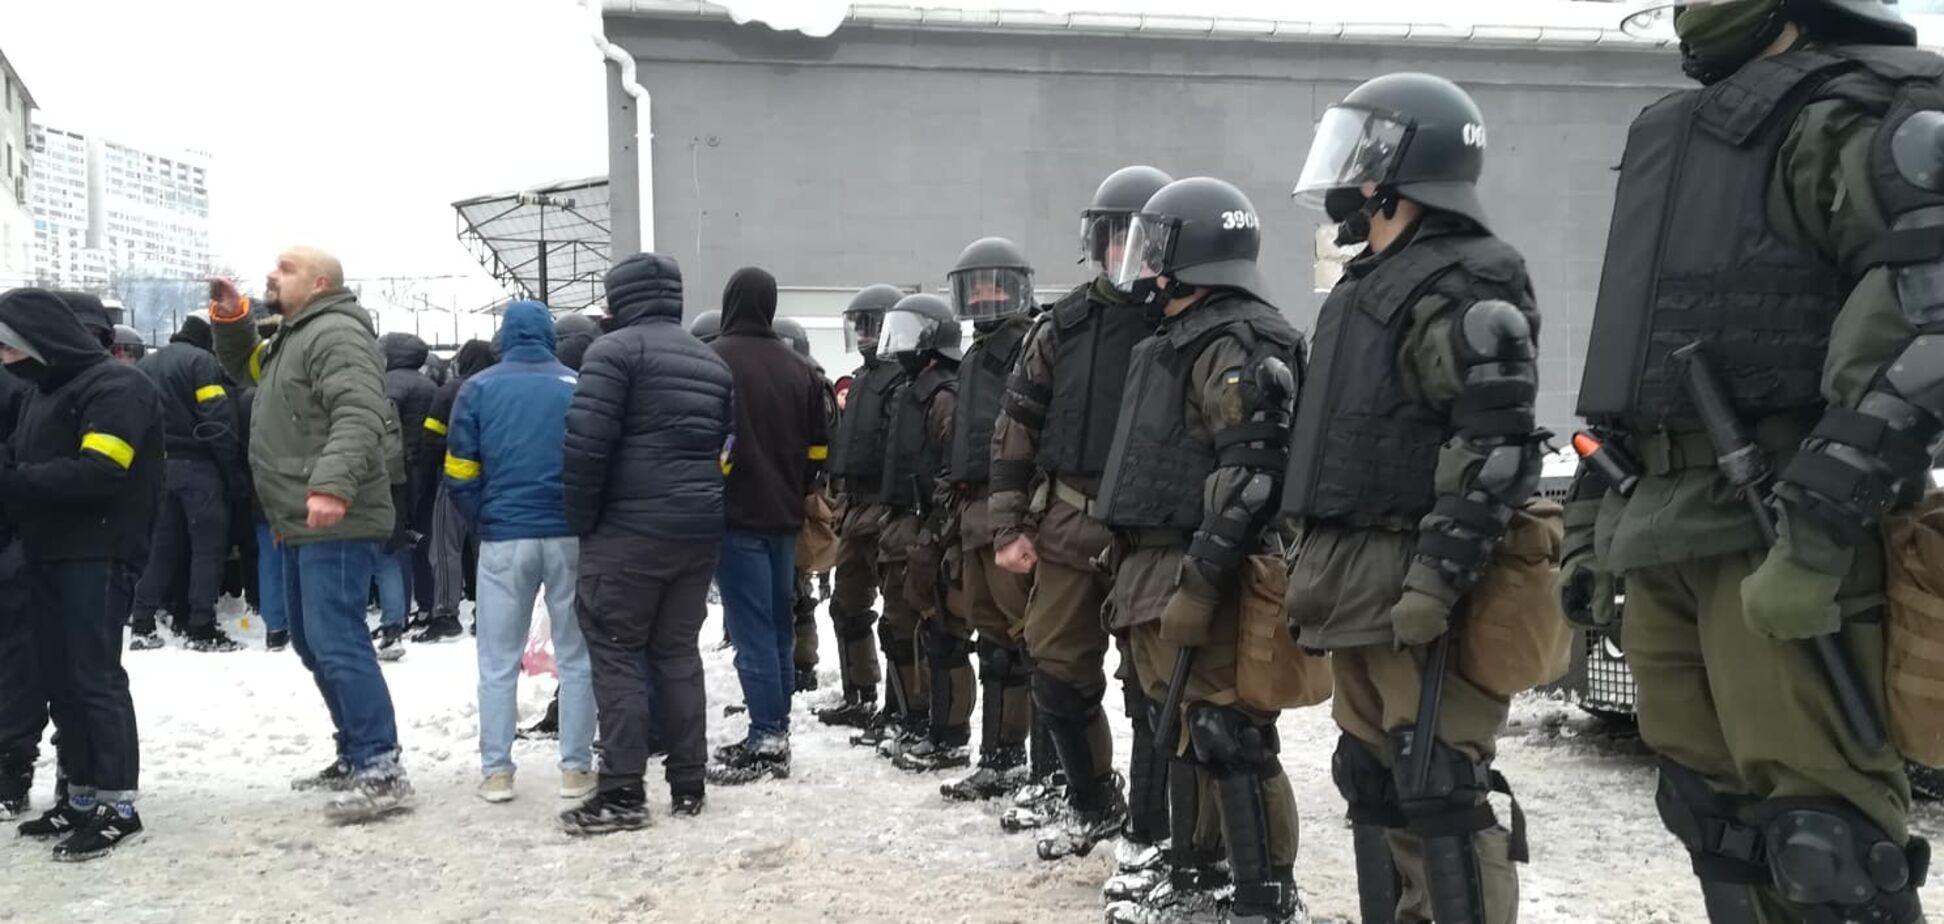 Нацкорпус окружил базу титушек в Киеве